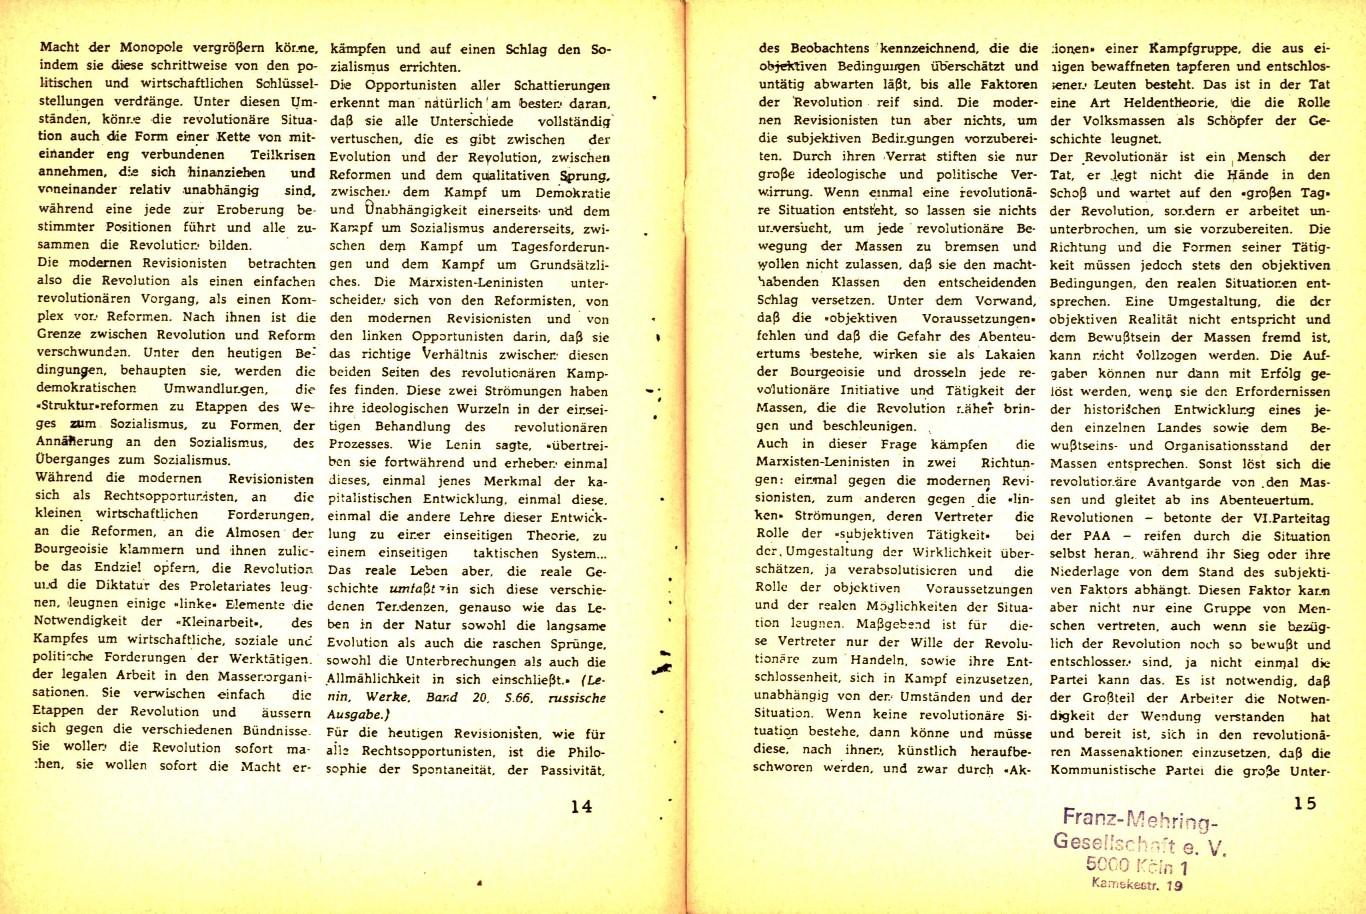 KPDAO_1974_30_Jahre_Befreiung_Albaniens_08